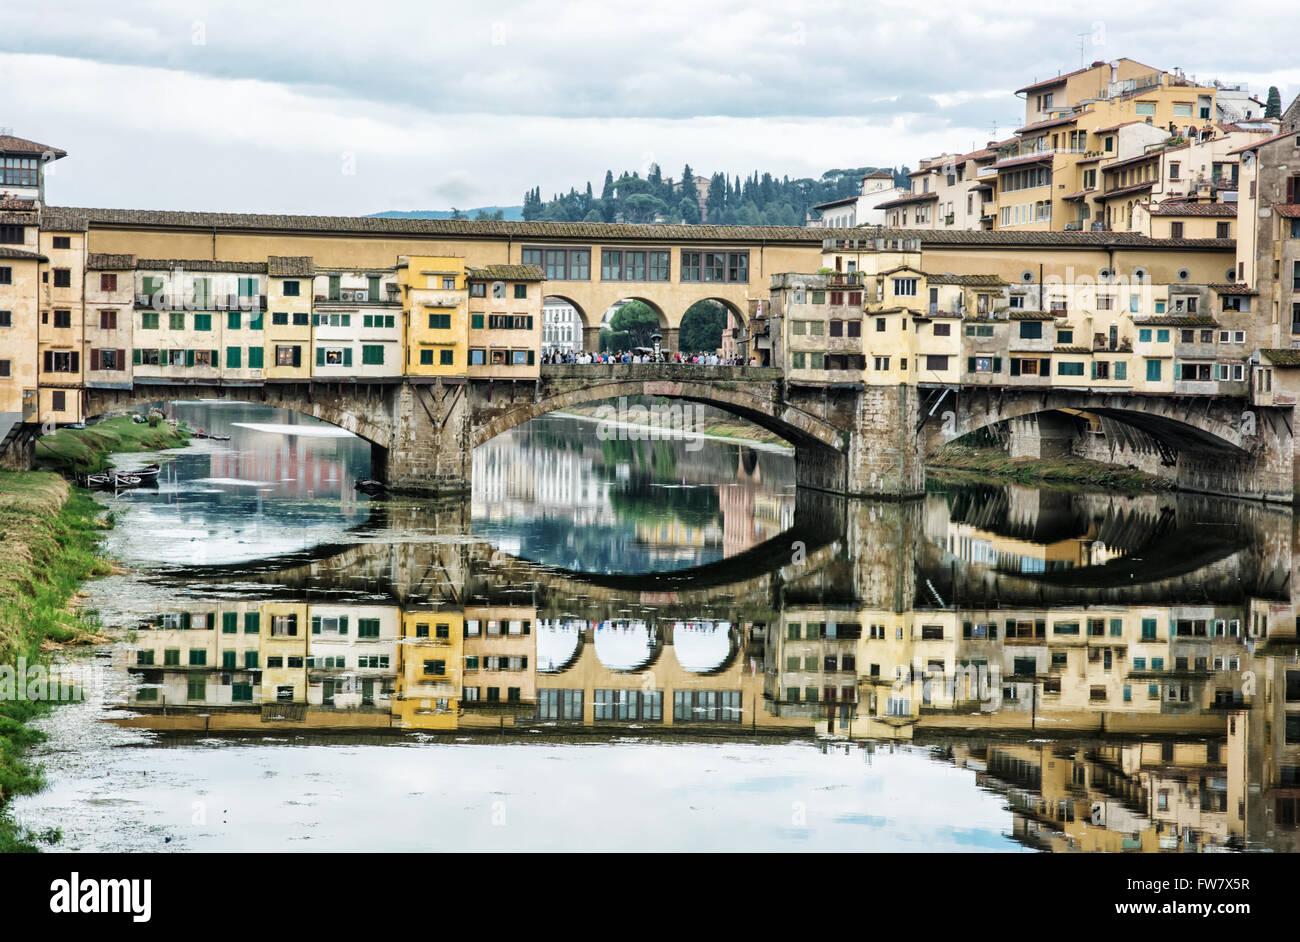 Il Ponte Vecchio è specchiata nel fiume Arno, Firenze, Toscana, Italia. Destinazione di viaggio. Il patrimonio Immagini Stock